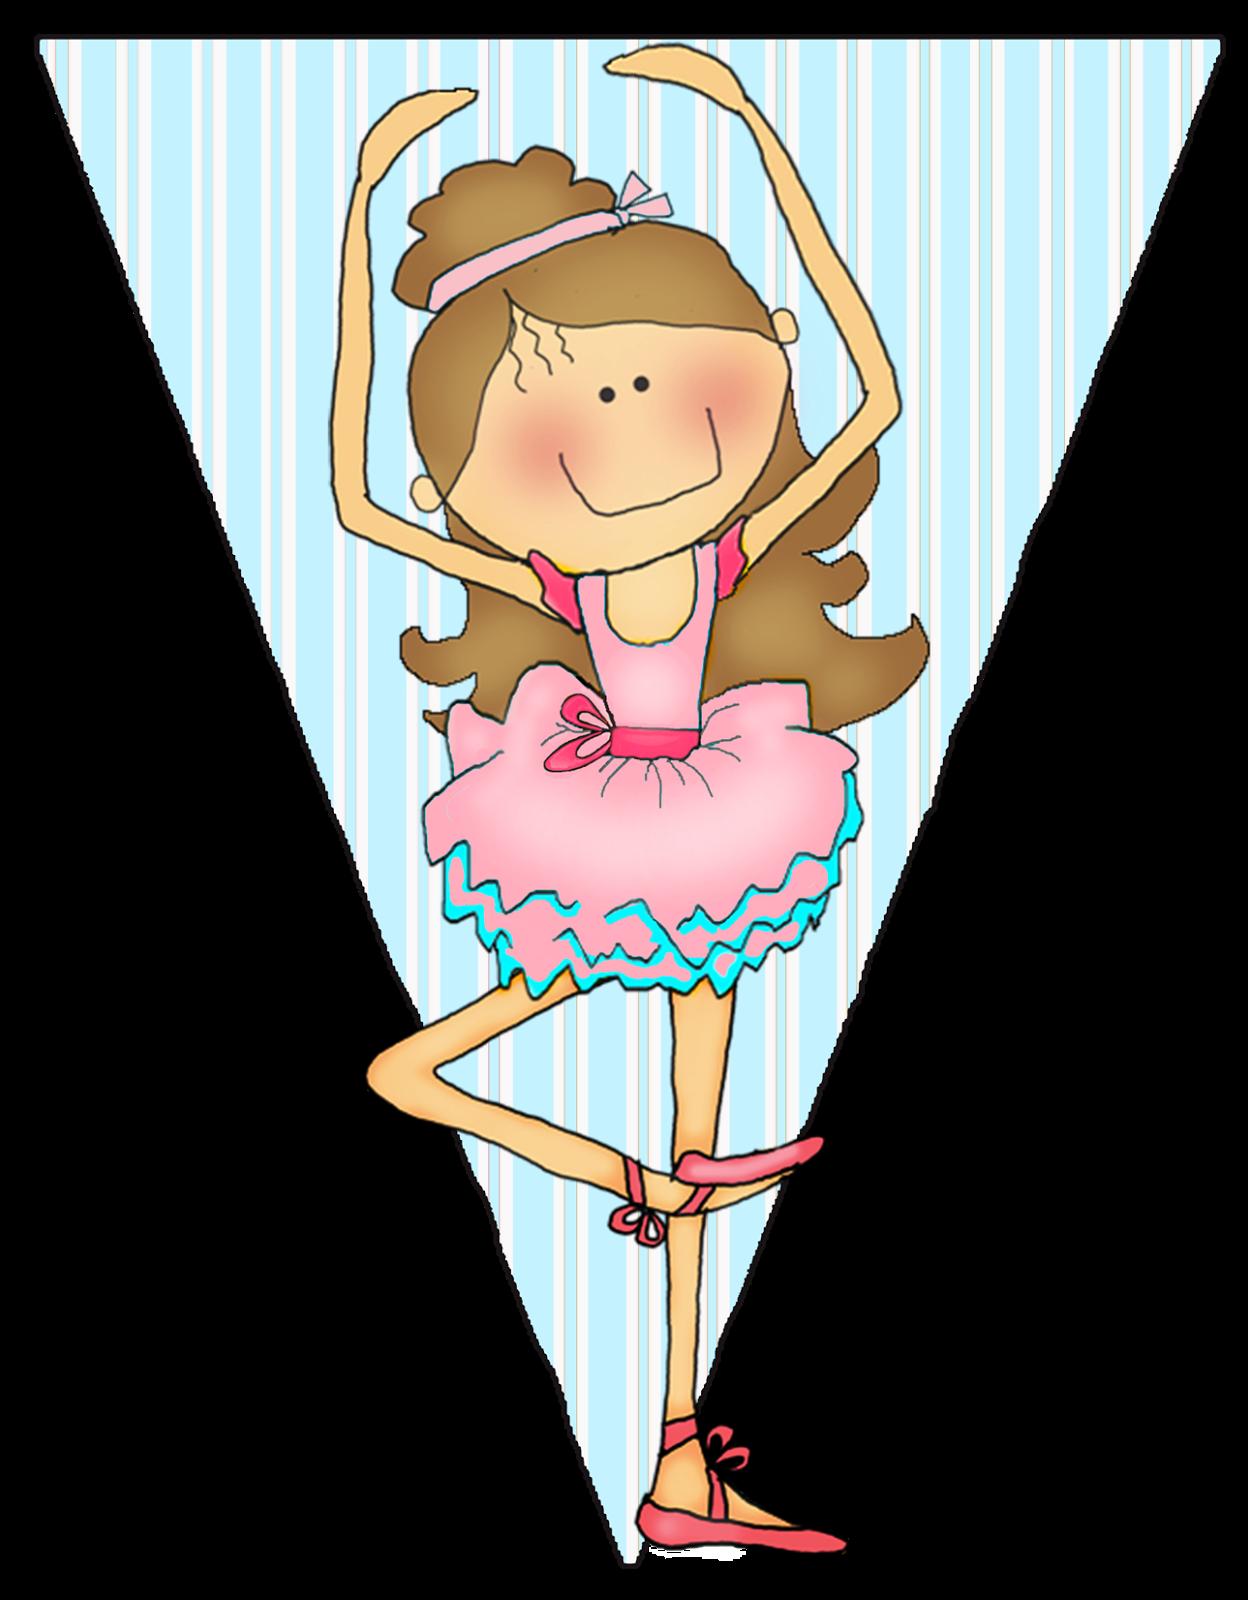 Ballerina dancing.